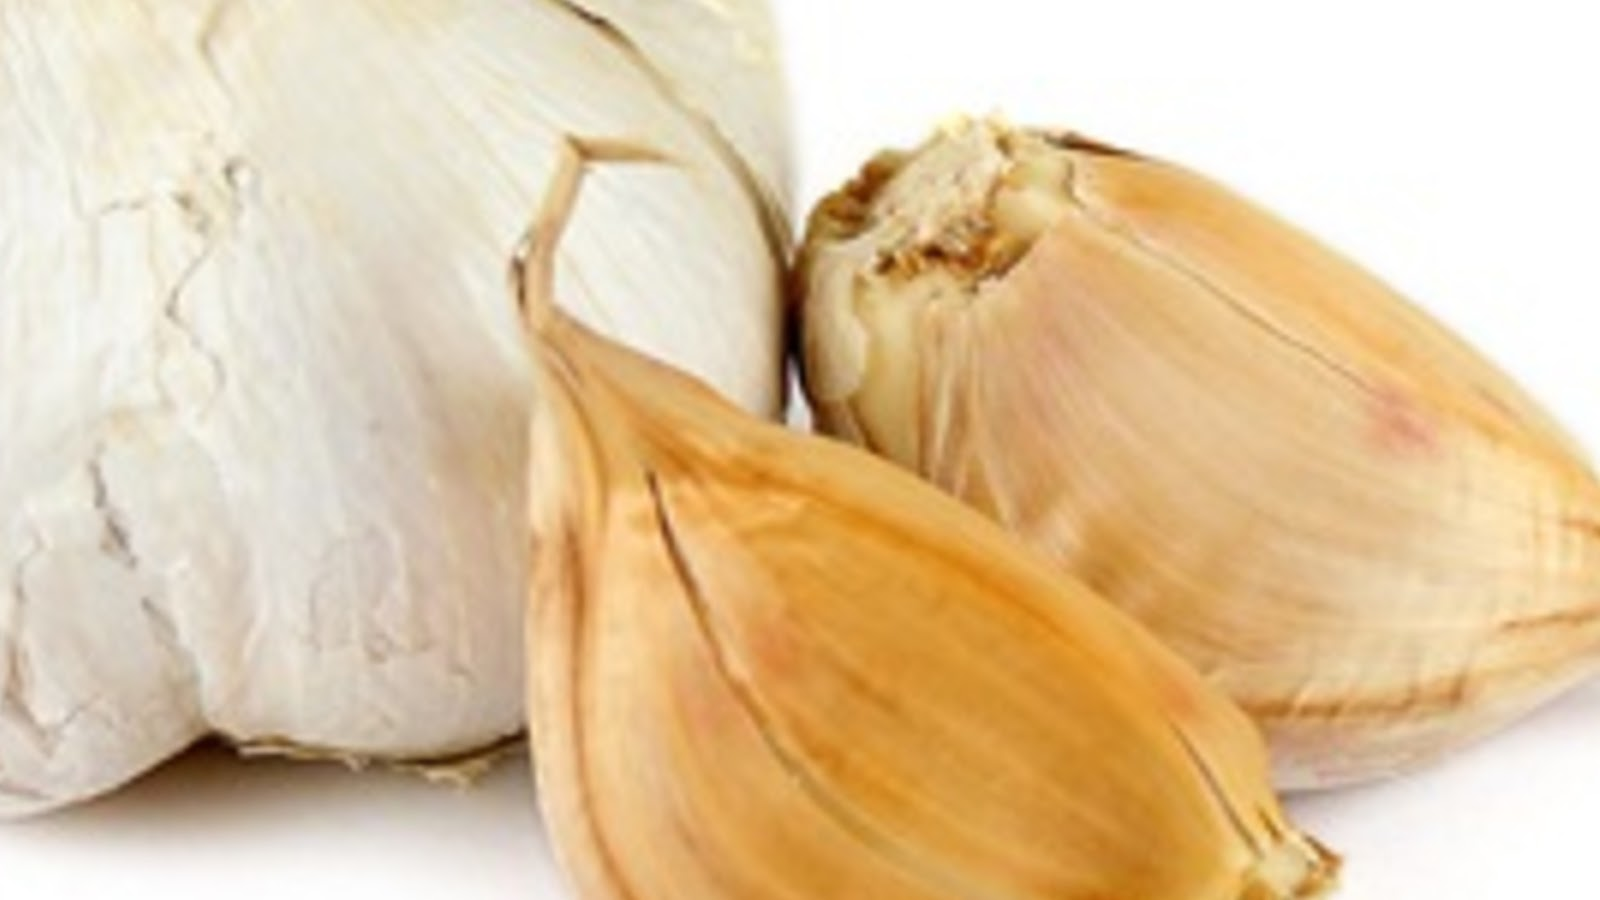 types of garlic